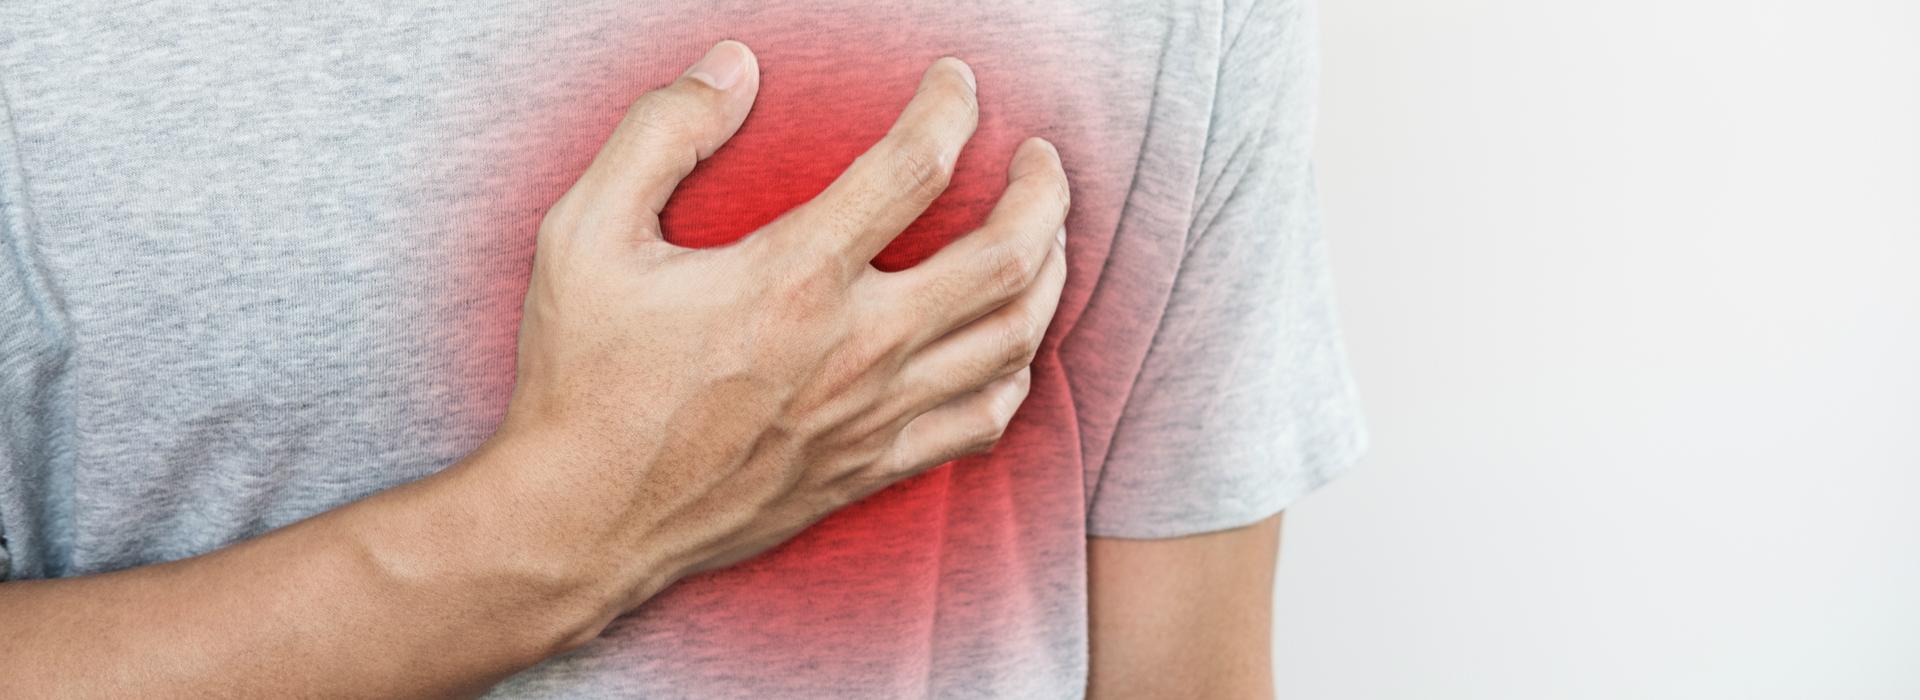 老煙槍戒菸後胸悶 檢查才知是心肌梗塞